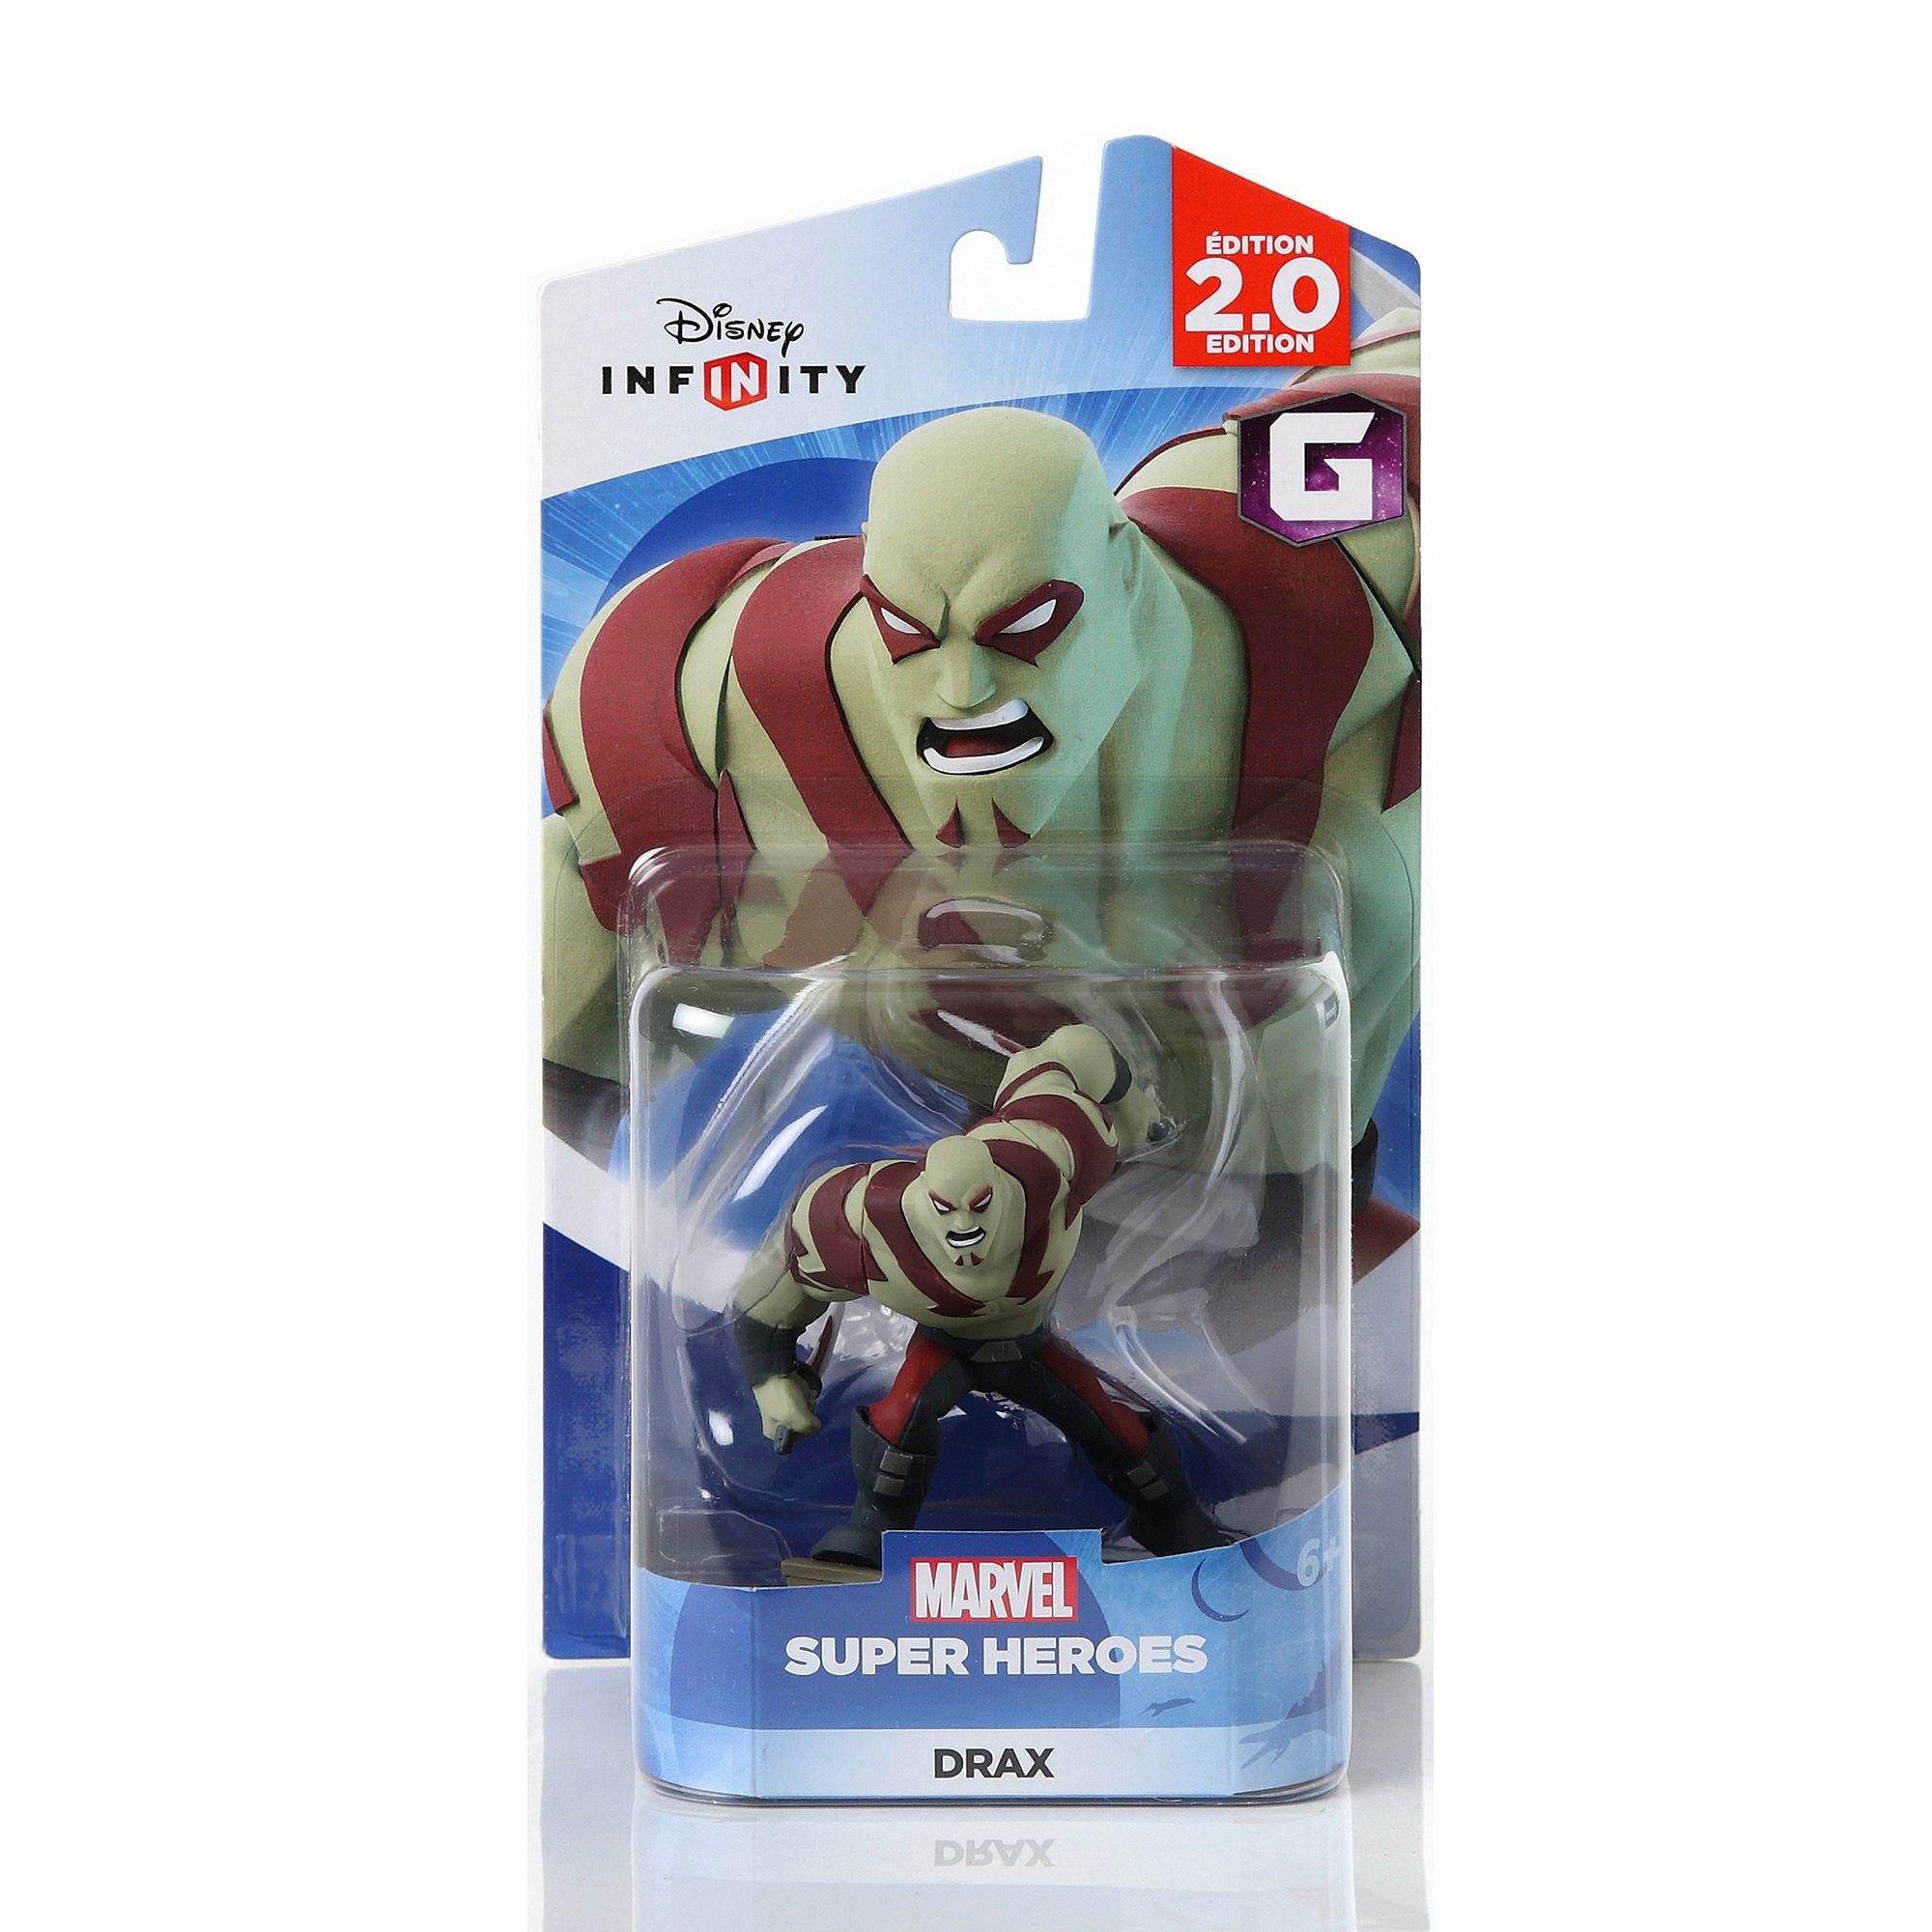 Marvel Drax Disney Infinity 2.0 FIGURINE- Qty 18